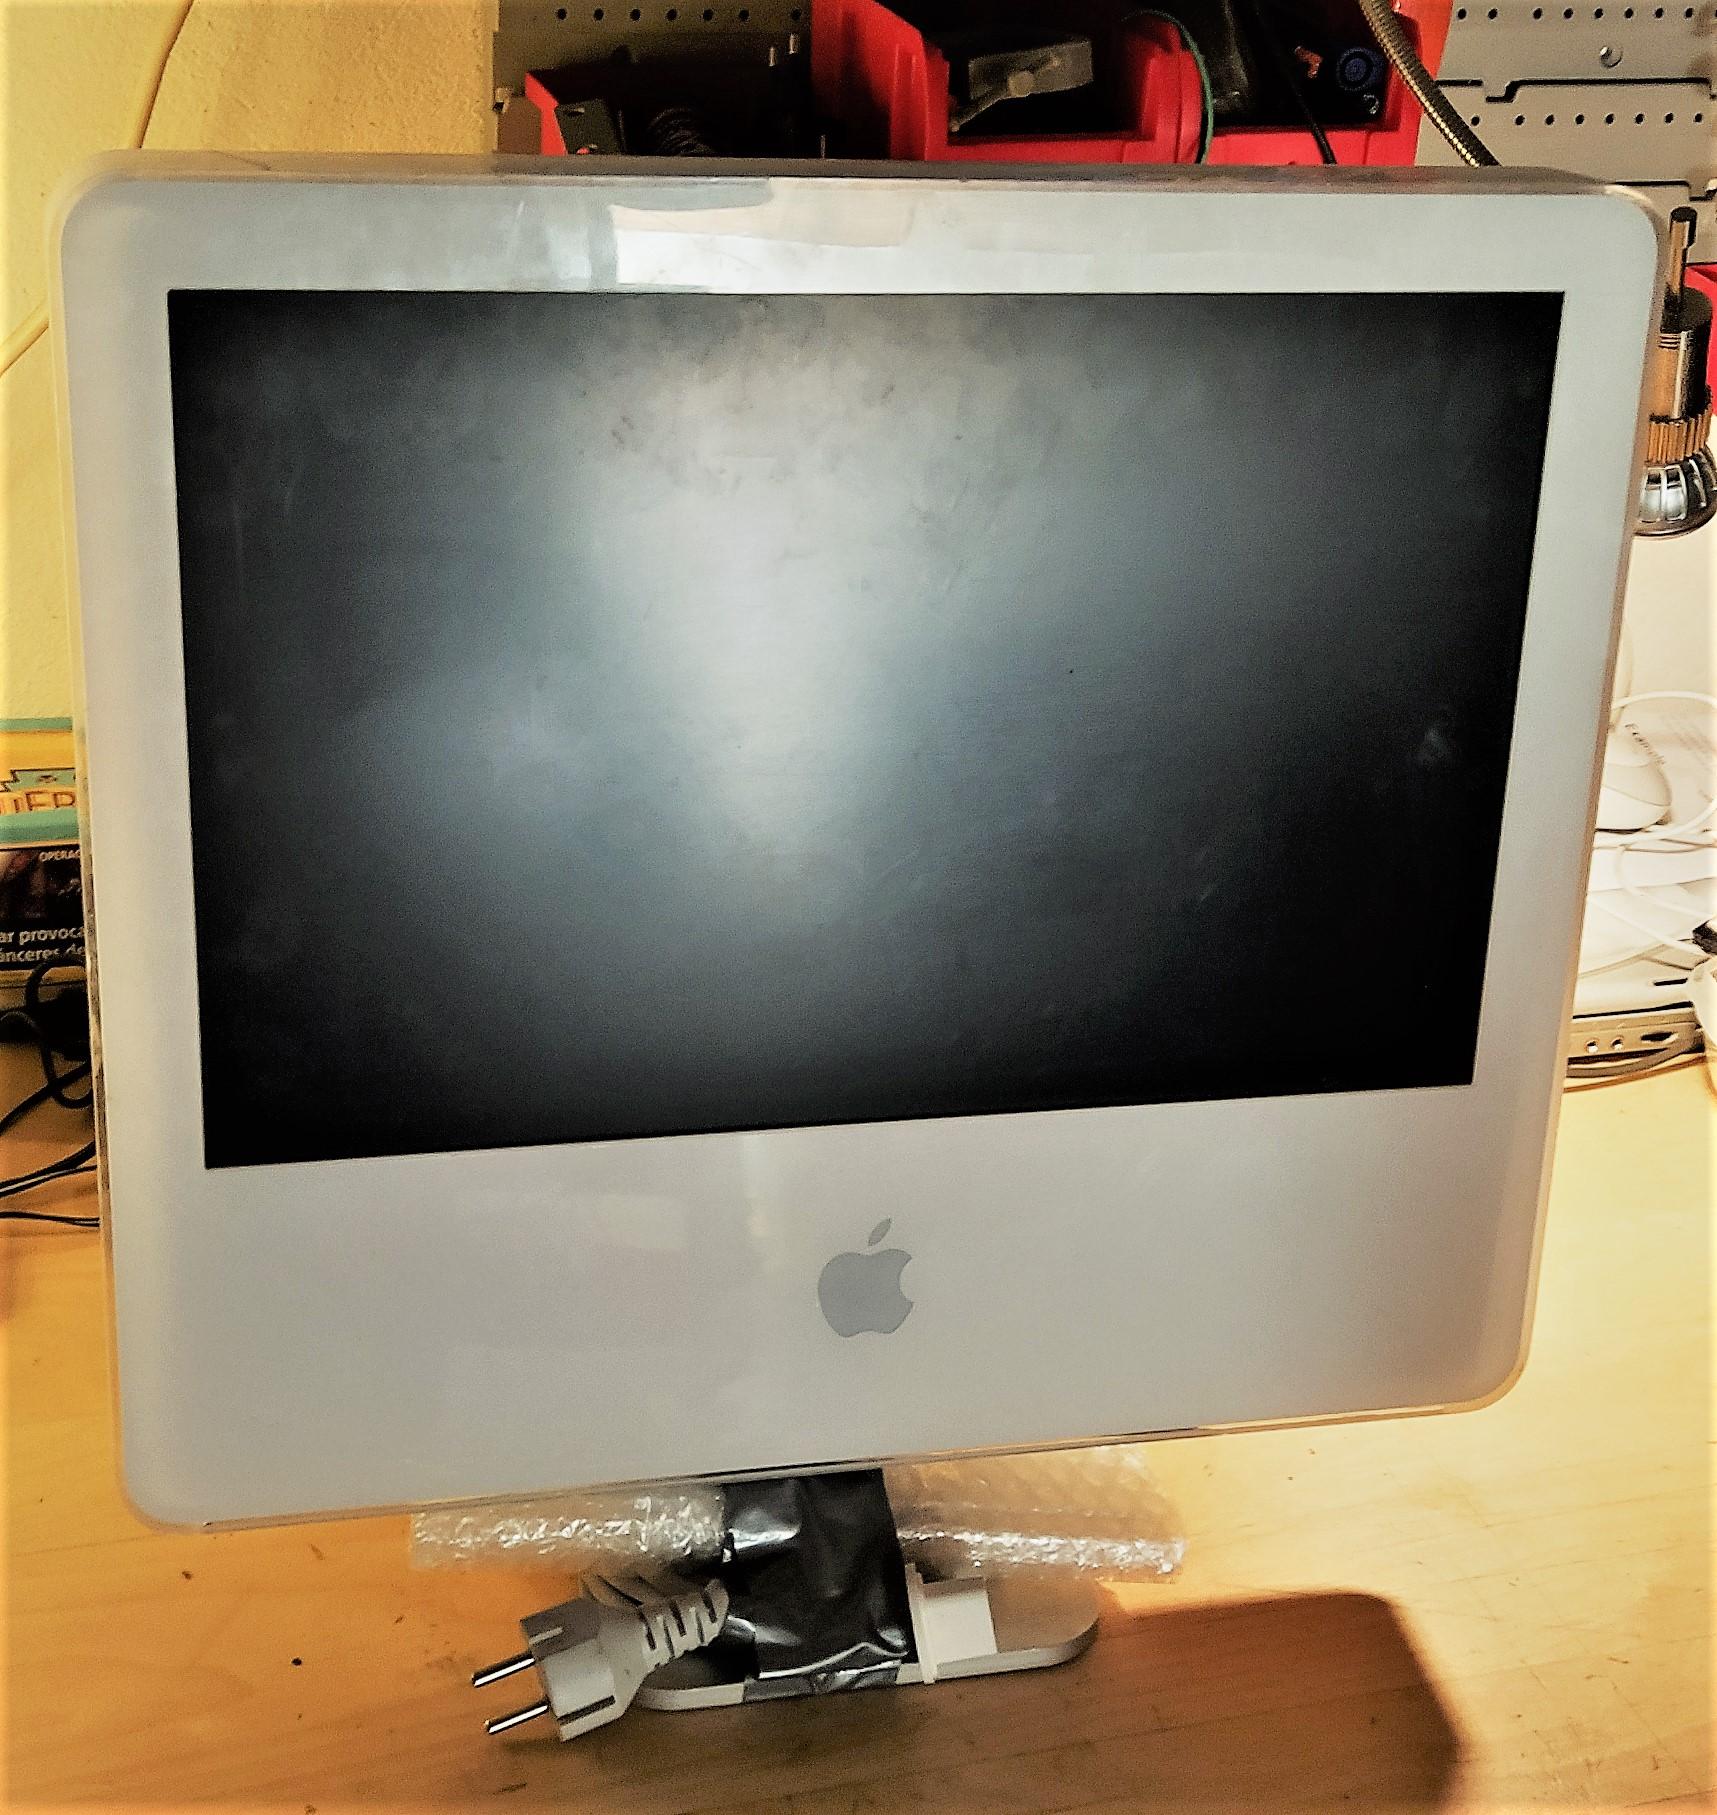 iMac G5